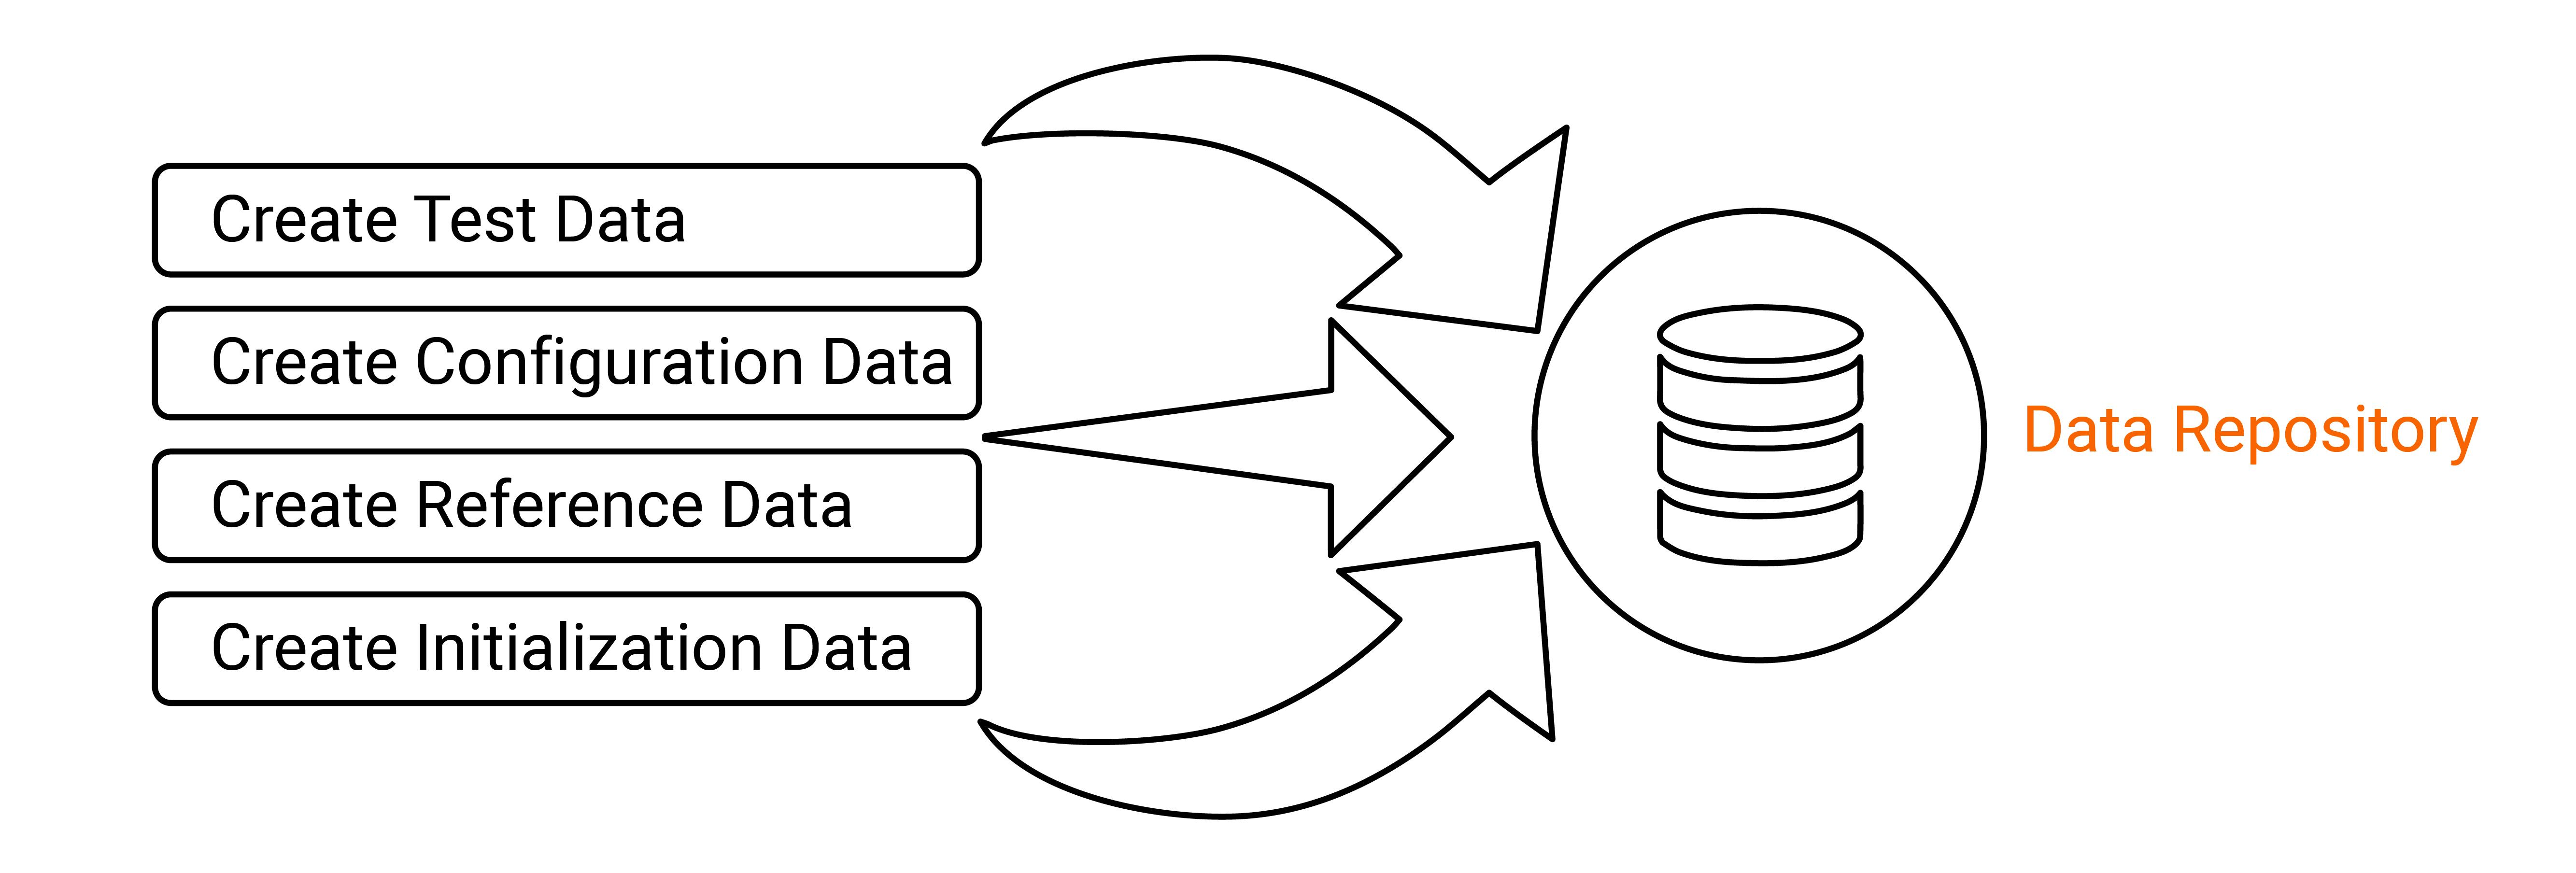 Data Repository-iCEDQ